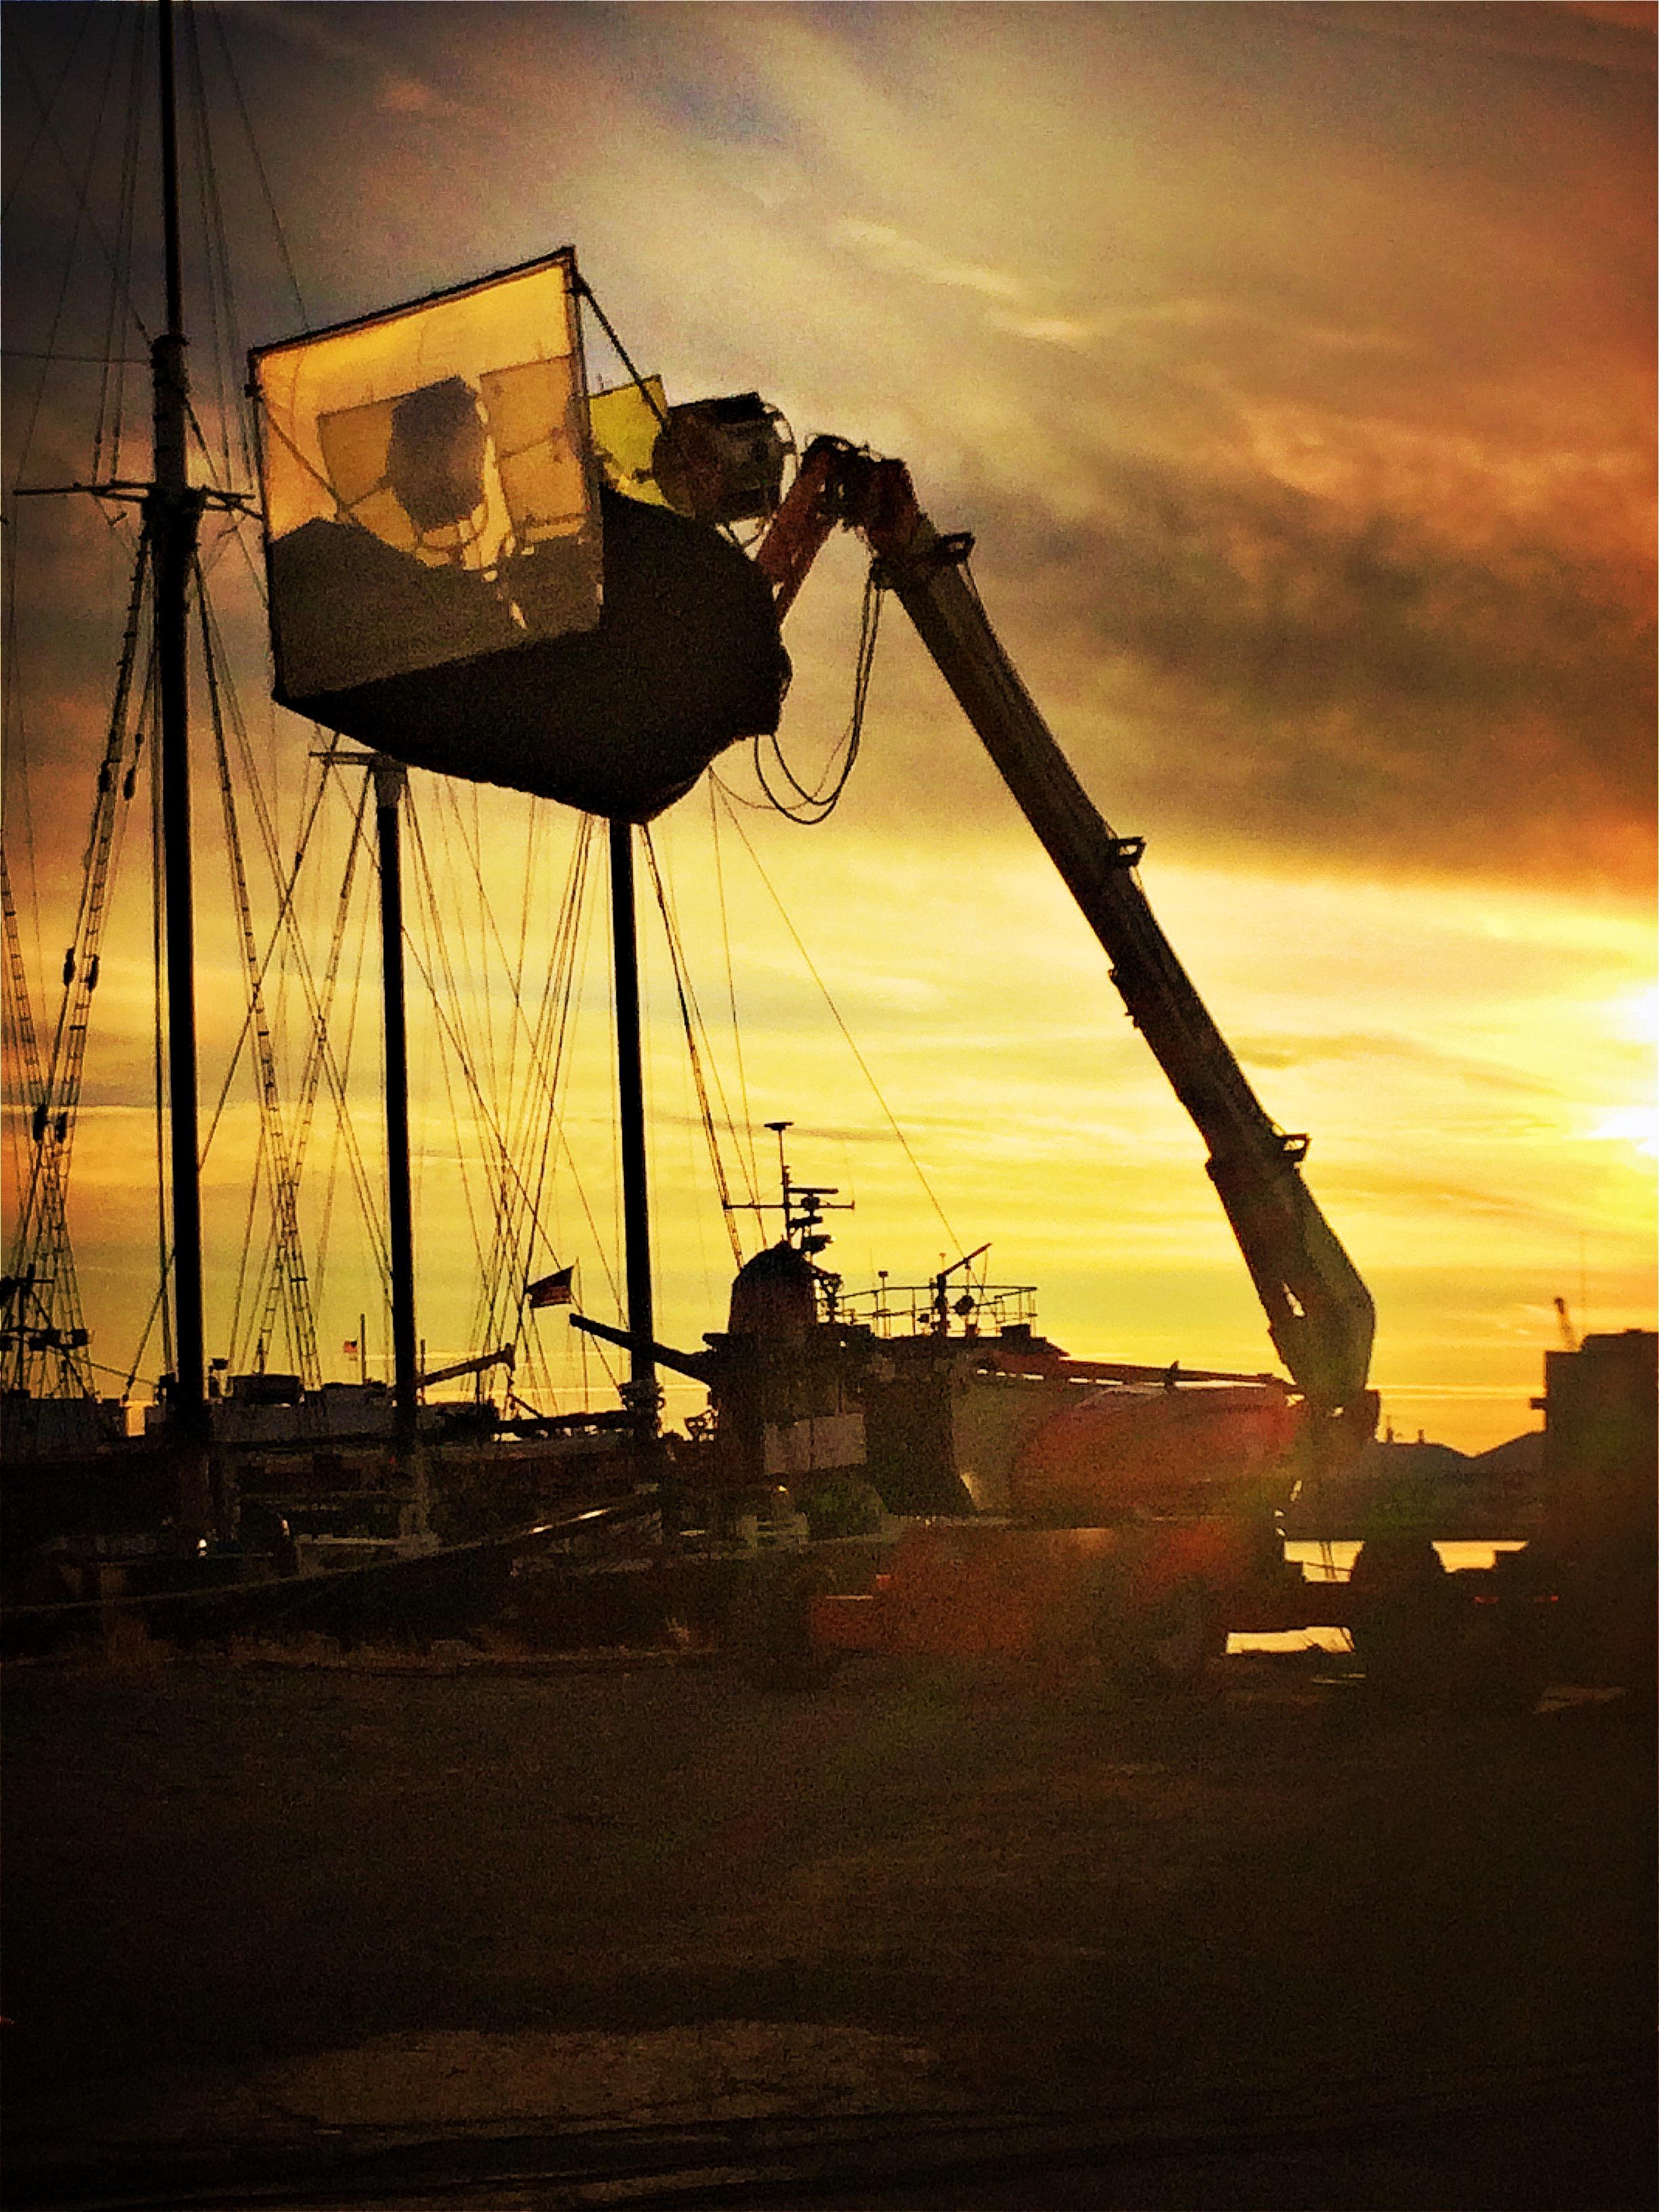 BrooklynShipyard.jpg